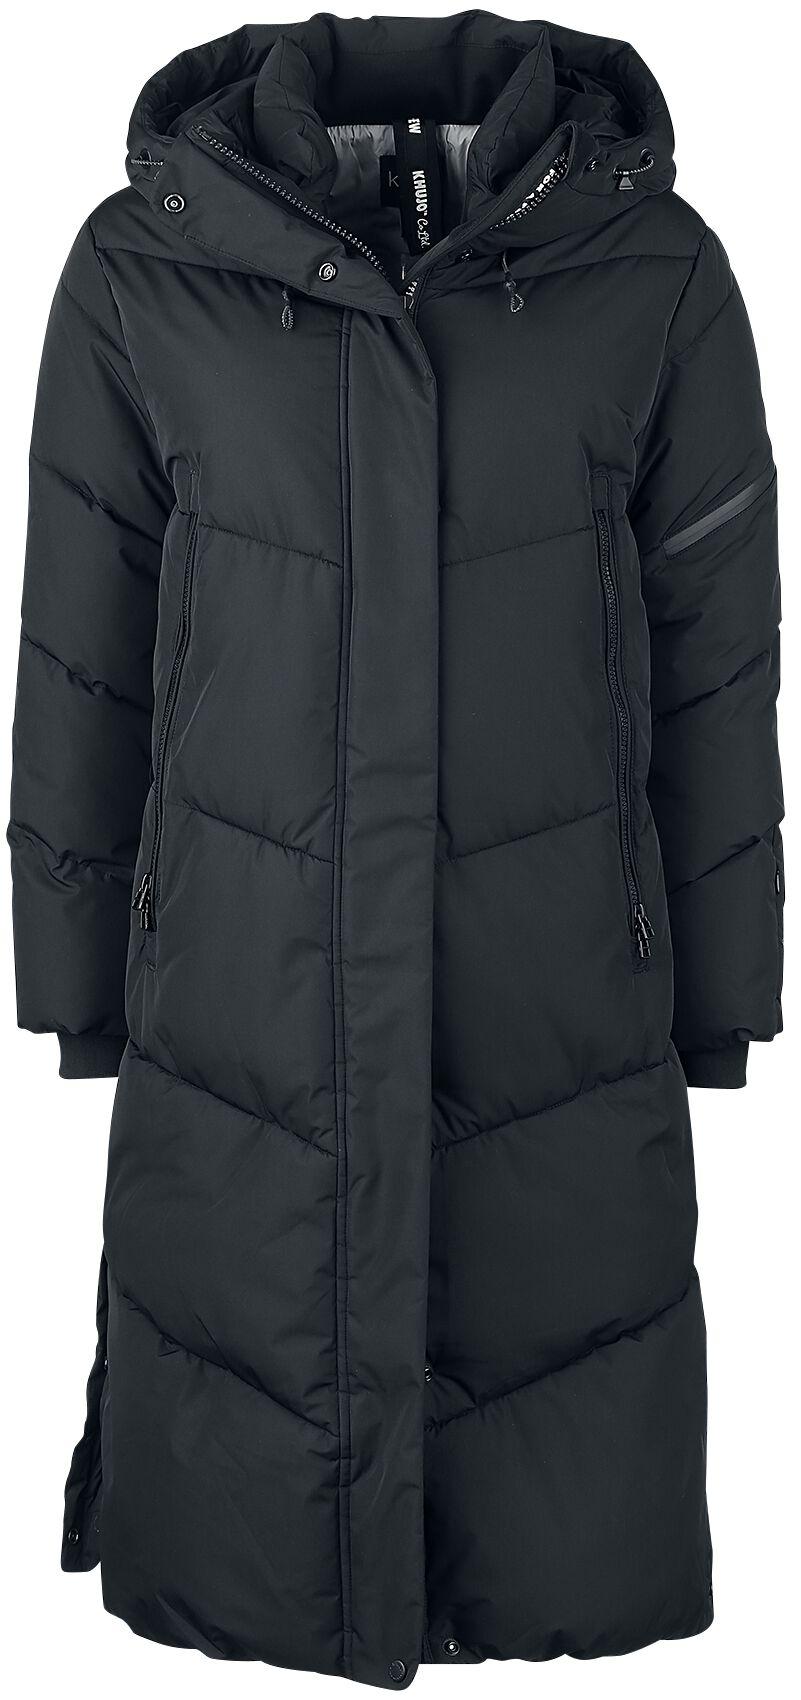 Jacken für Frauen - Khujo Sonje Wintermantel schwarz  - Onlineshop EMP